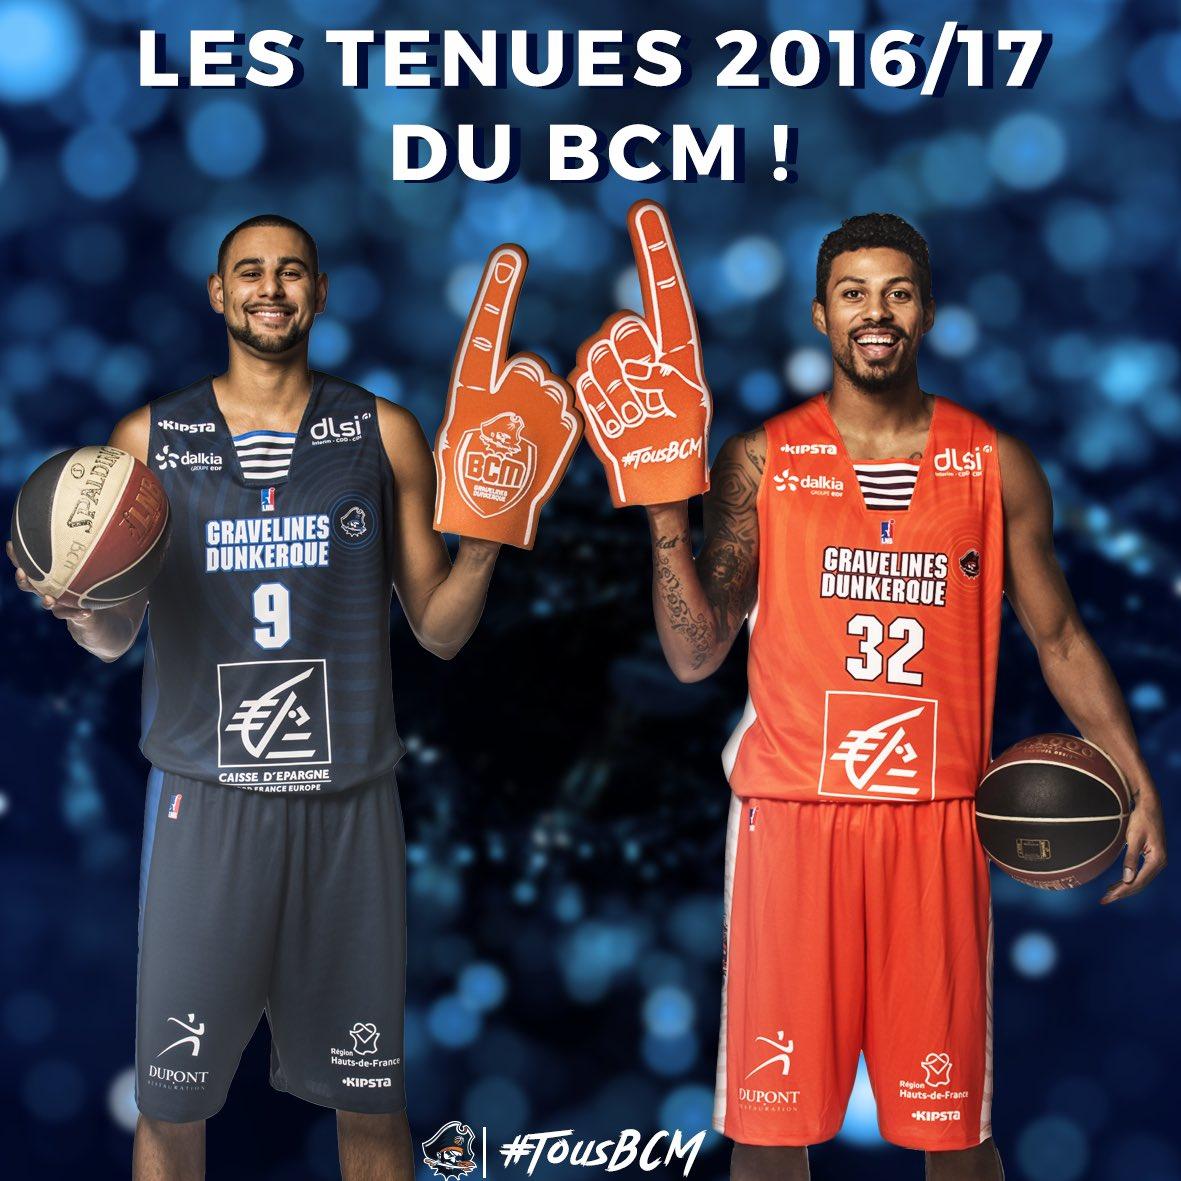 Championnat de France - Page 4 CsKvxC8XEAIuyik